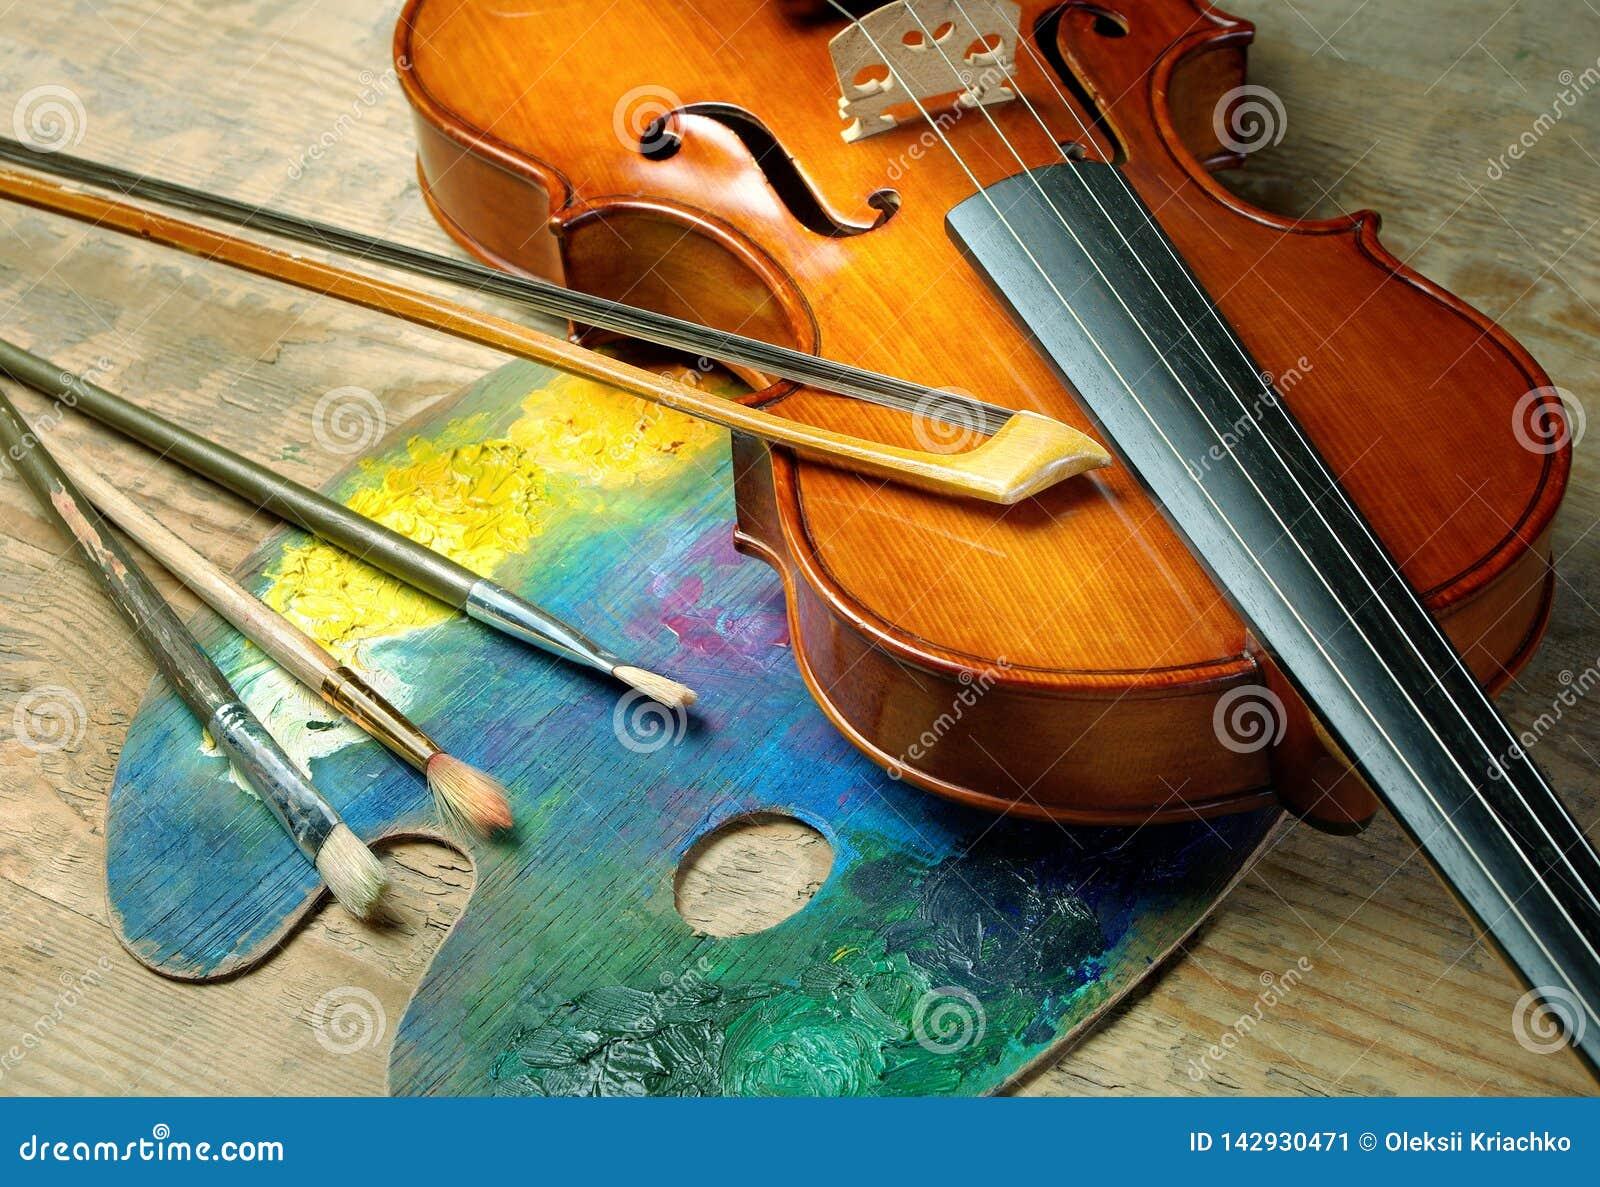 Viool, borstels en palet op een houten achtergrond